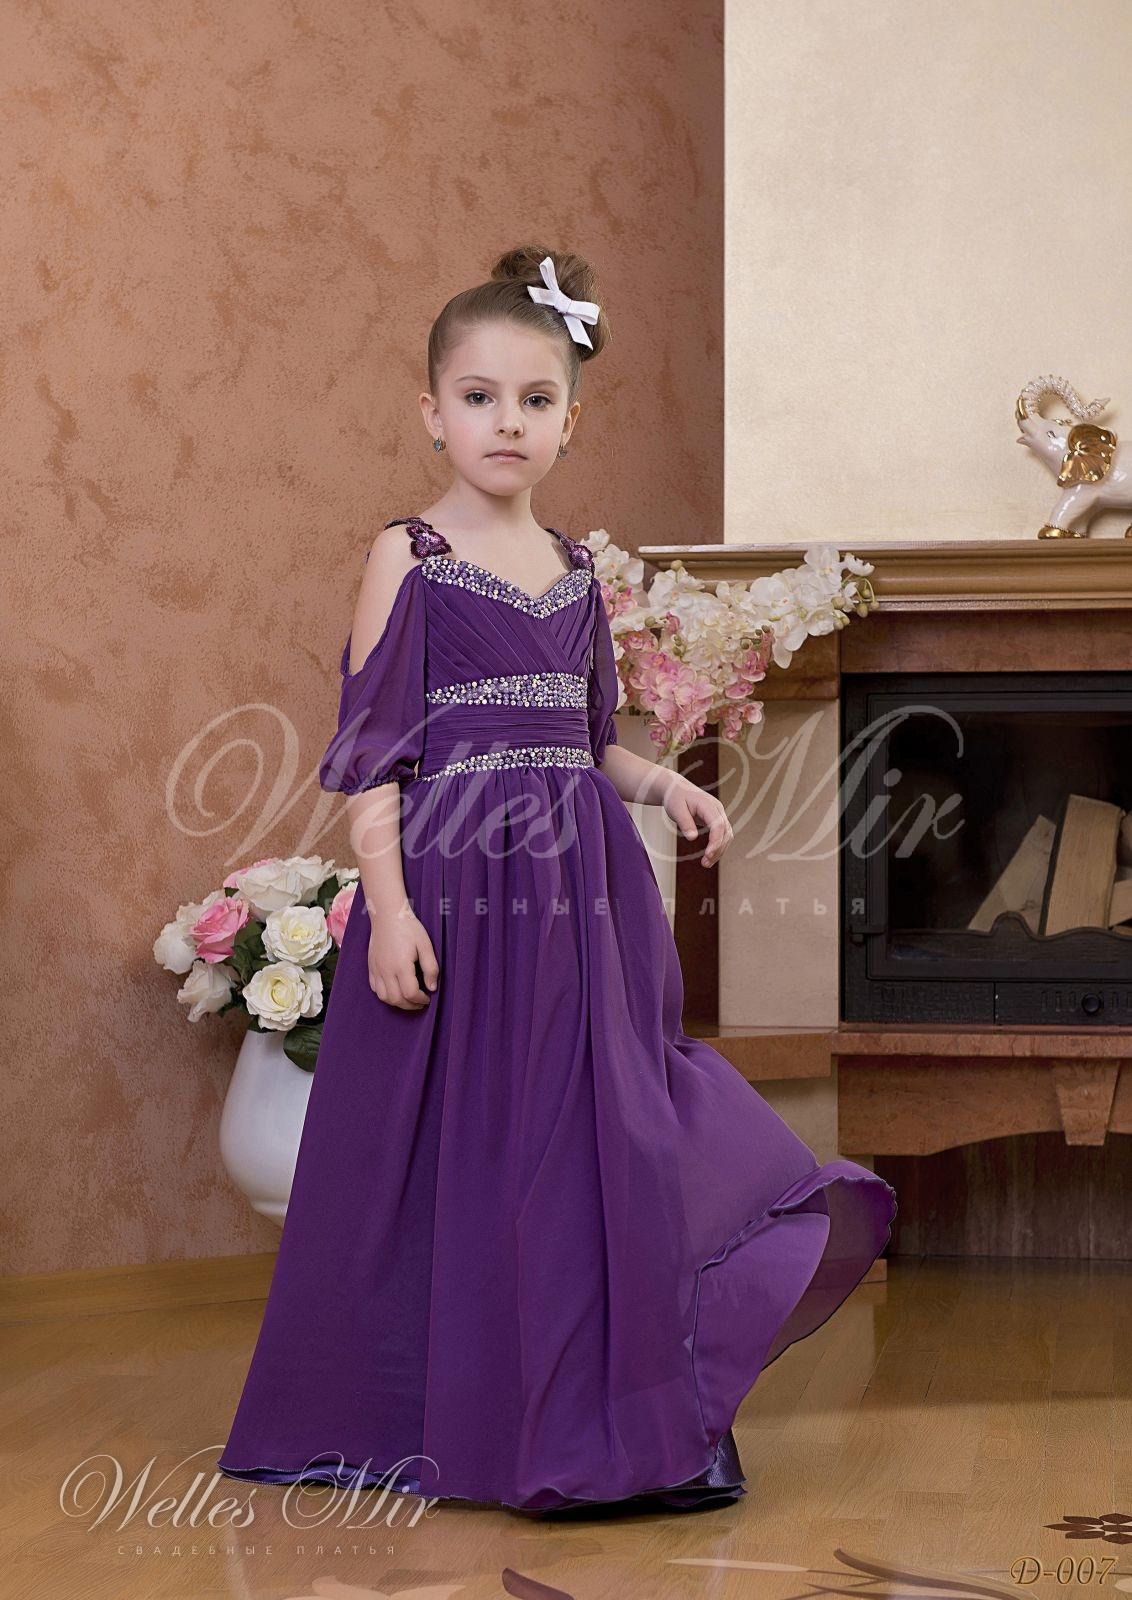 Детские платья Детские платья 1 - D-007